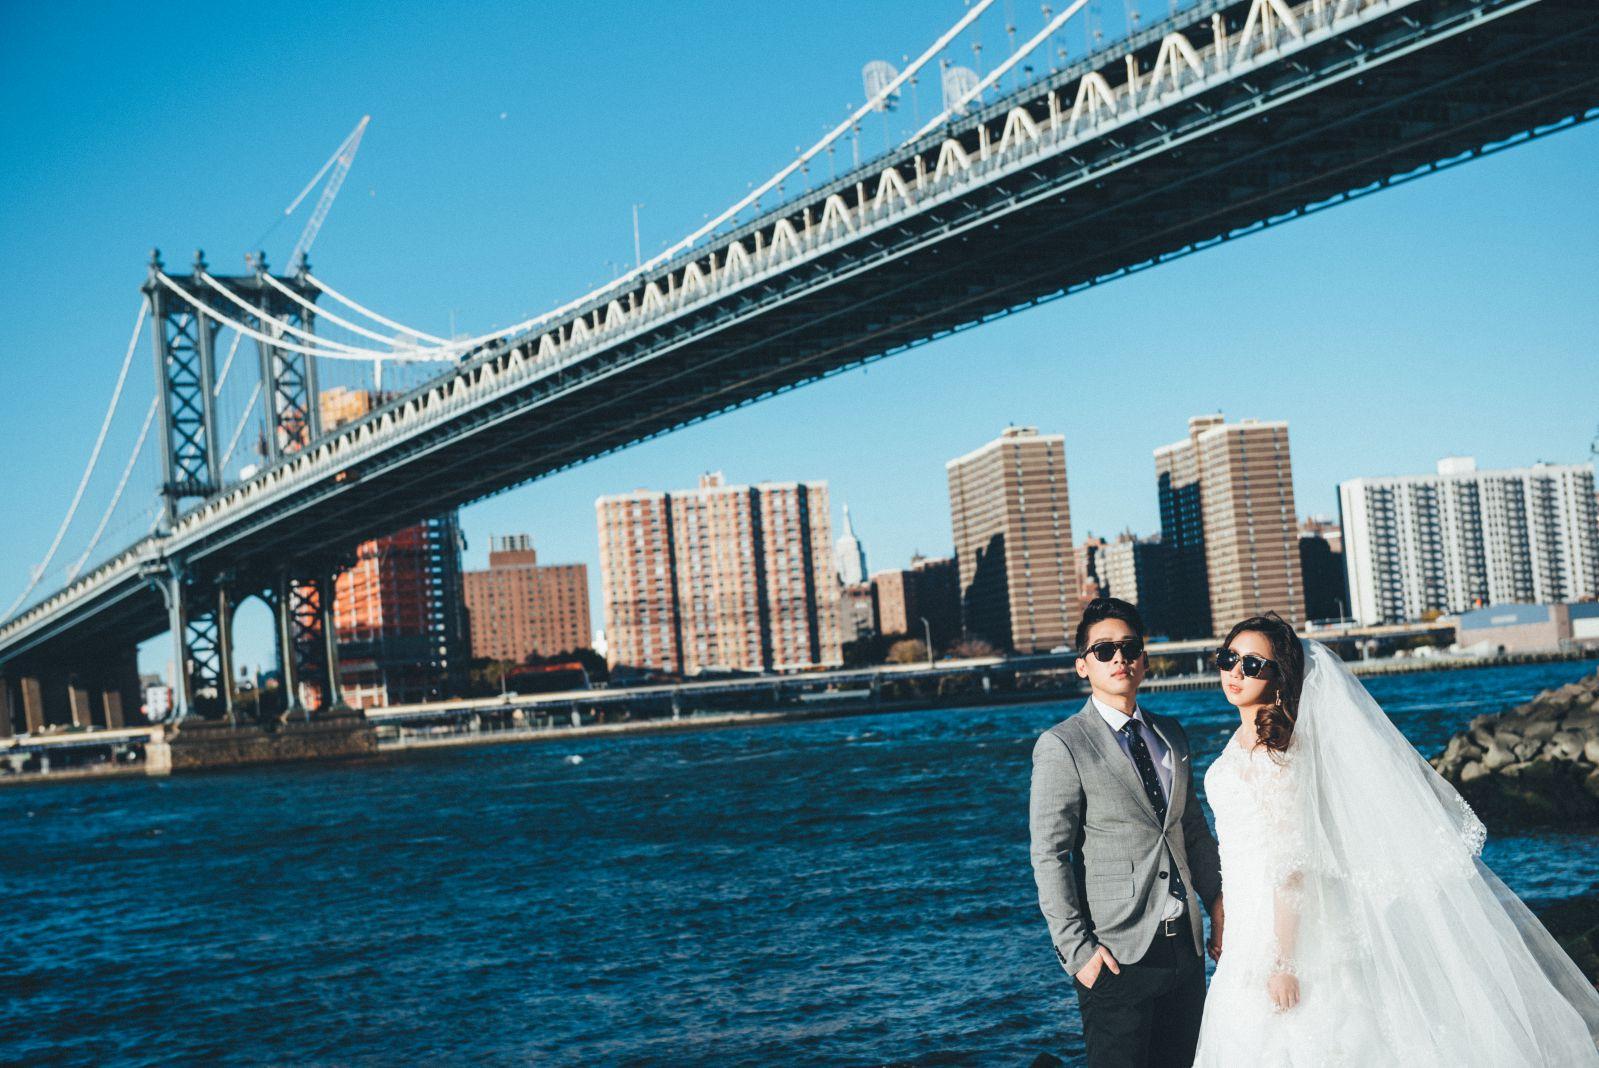 紐約婚紗拍攝景點,海外婚紗